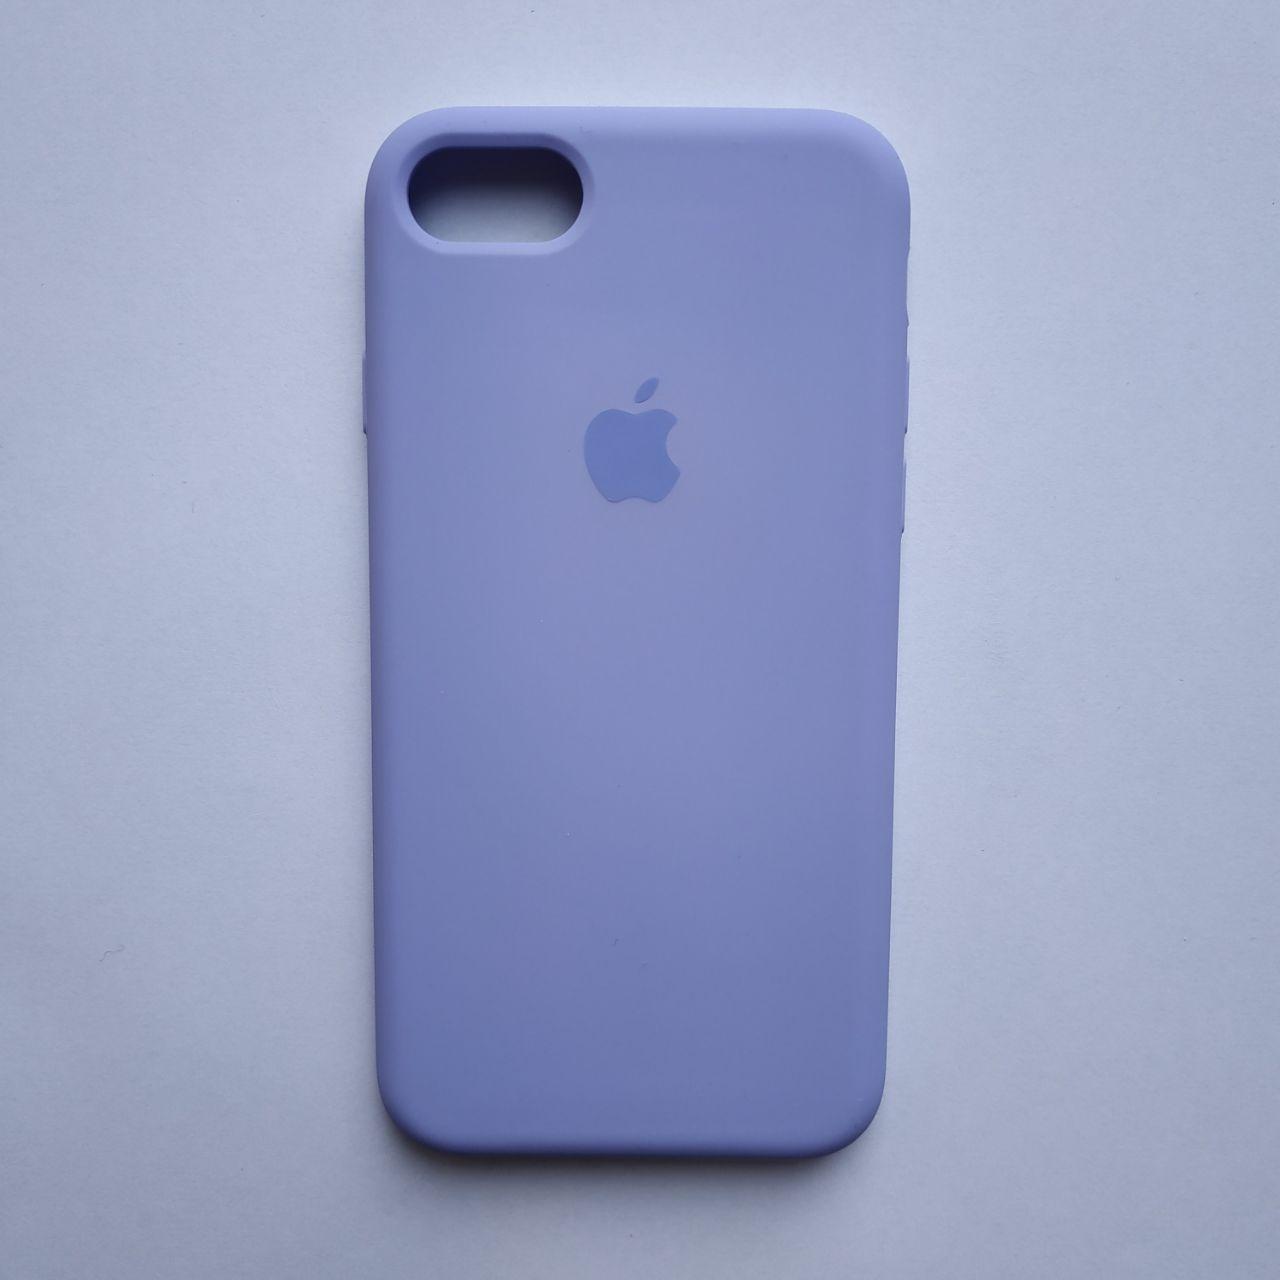 Накладка оригинальная Apple Silicone Case для iPhone 7, 8 Viola